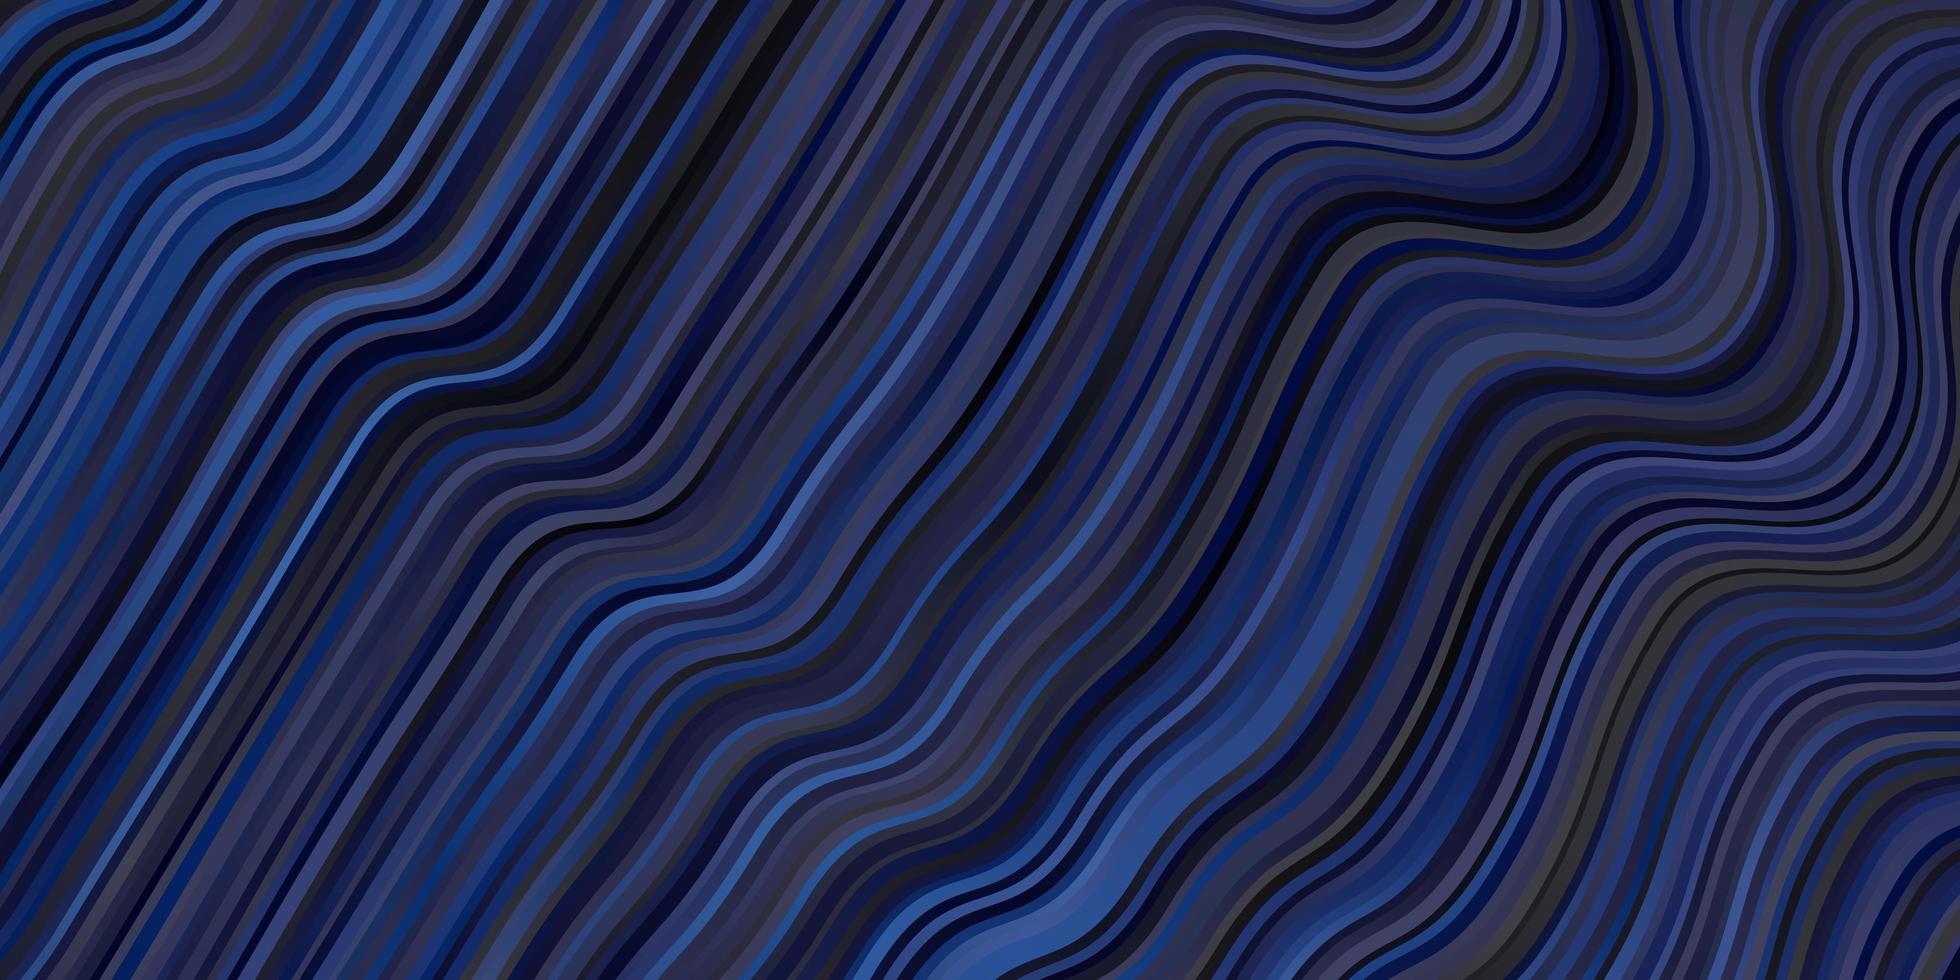 dunkelblauer Vektorhintergrund mit Kreisbogen. vektor